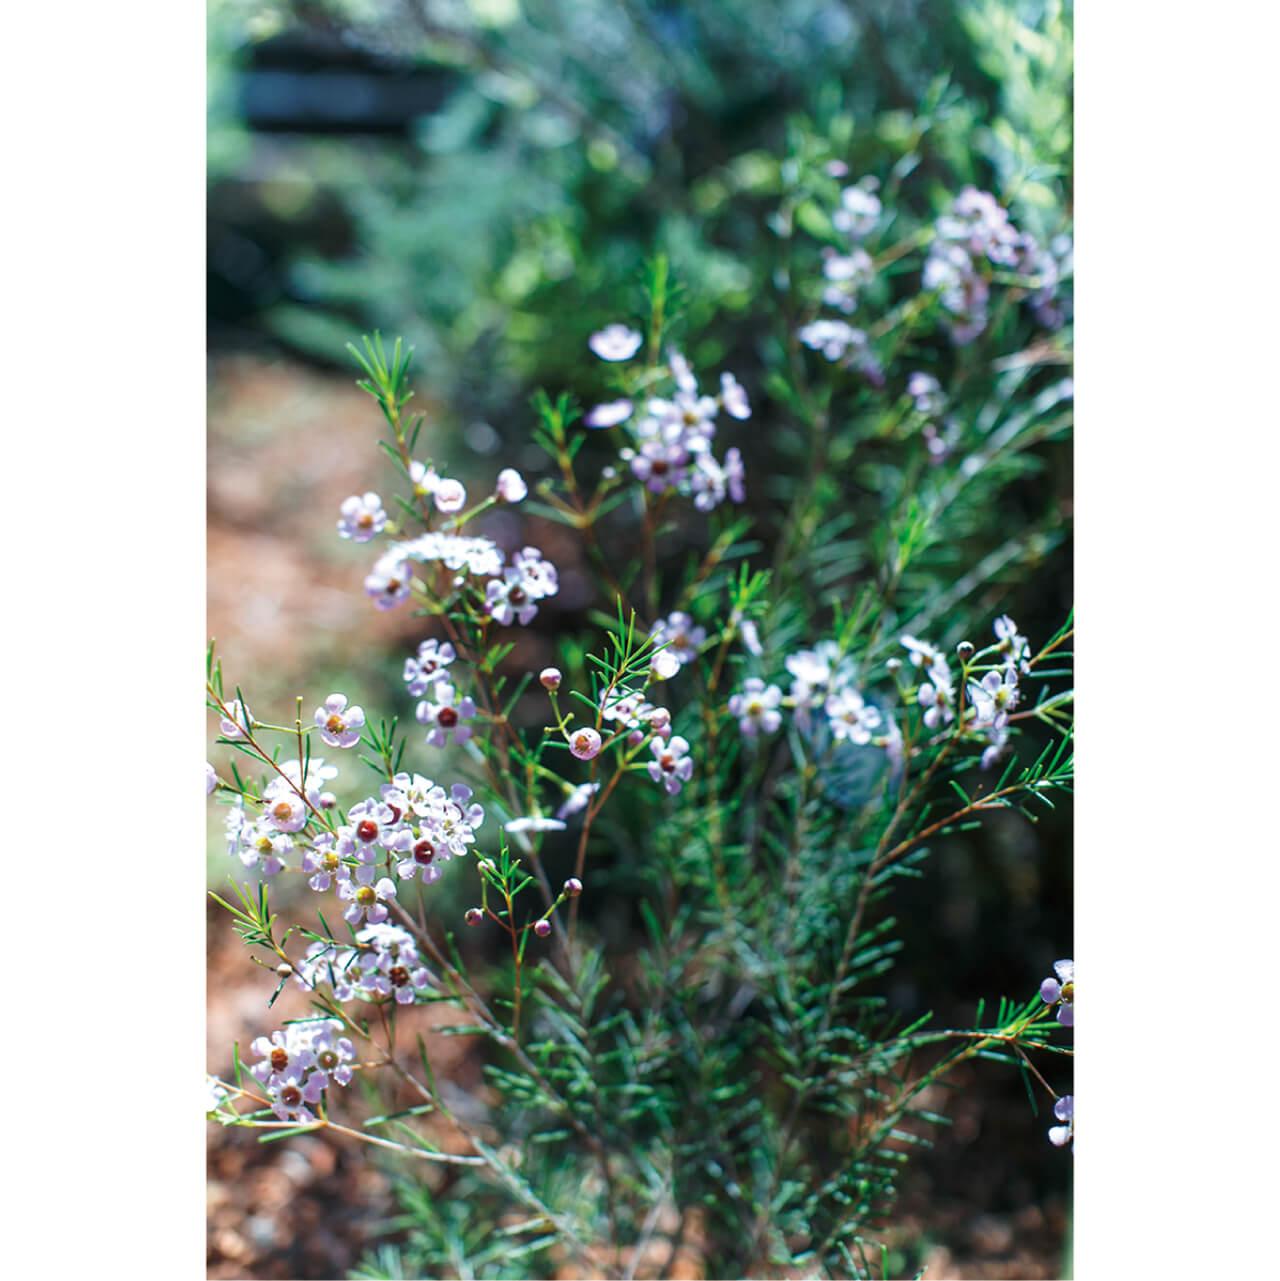 リビングからつながる居心地のよいテラスの先に庭が。全盛期を迎えるヨーロッパ原産のエリカが可憐に咲く。